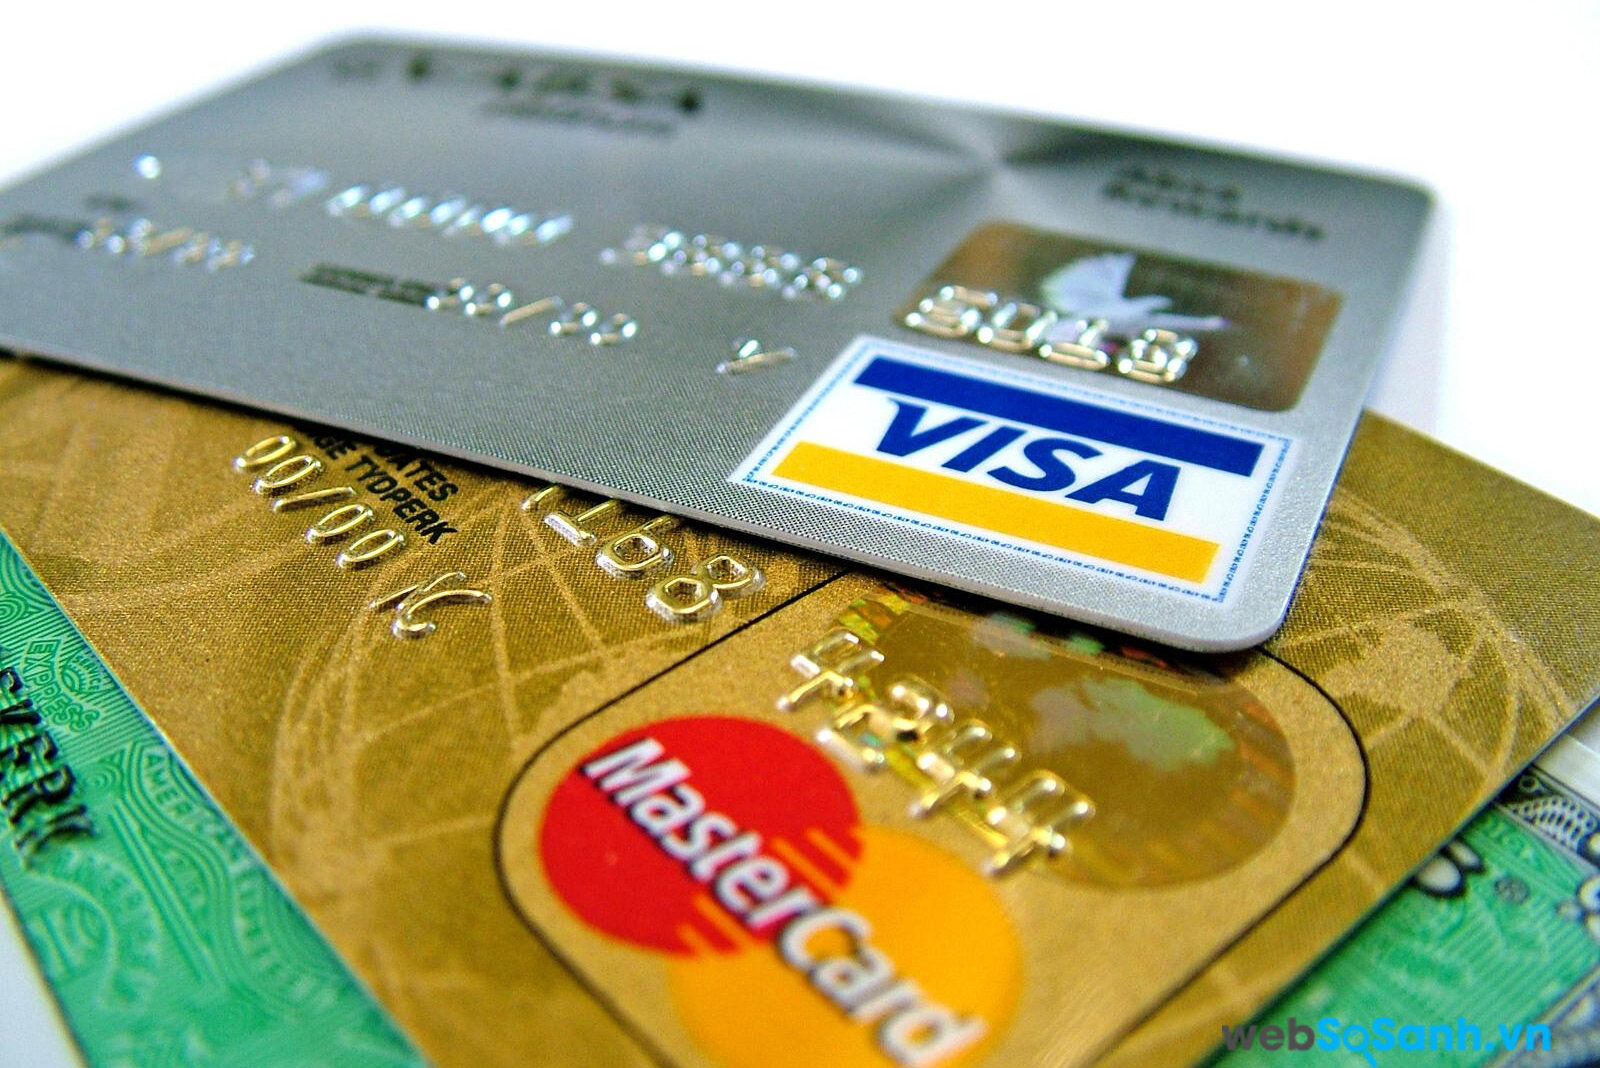 Làm gì khi bị mất thẻ ATM?